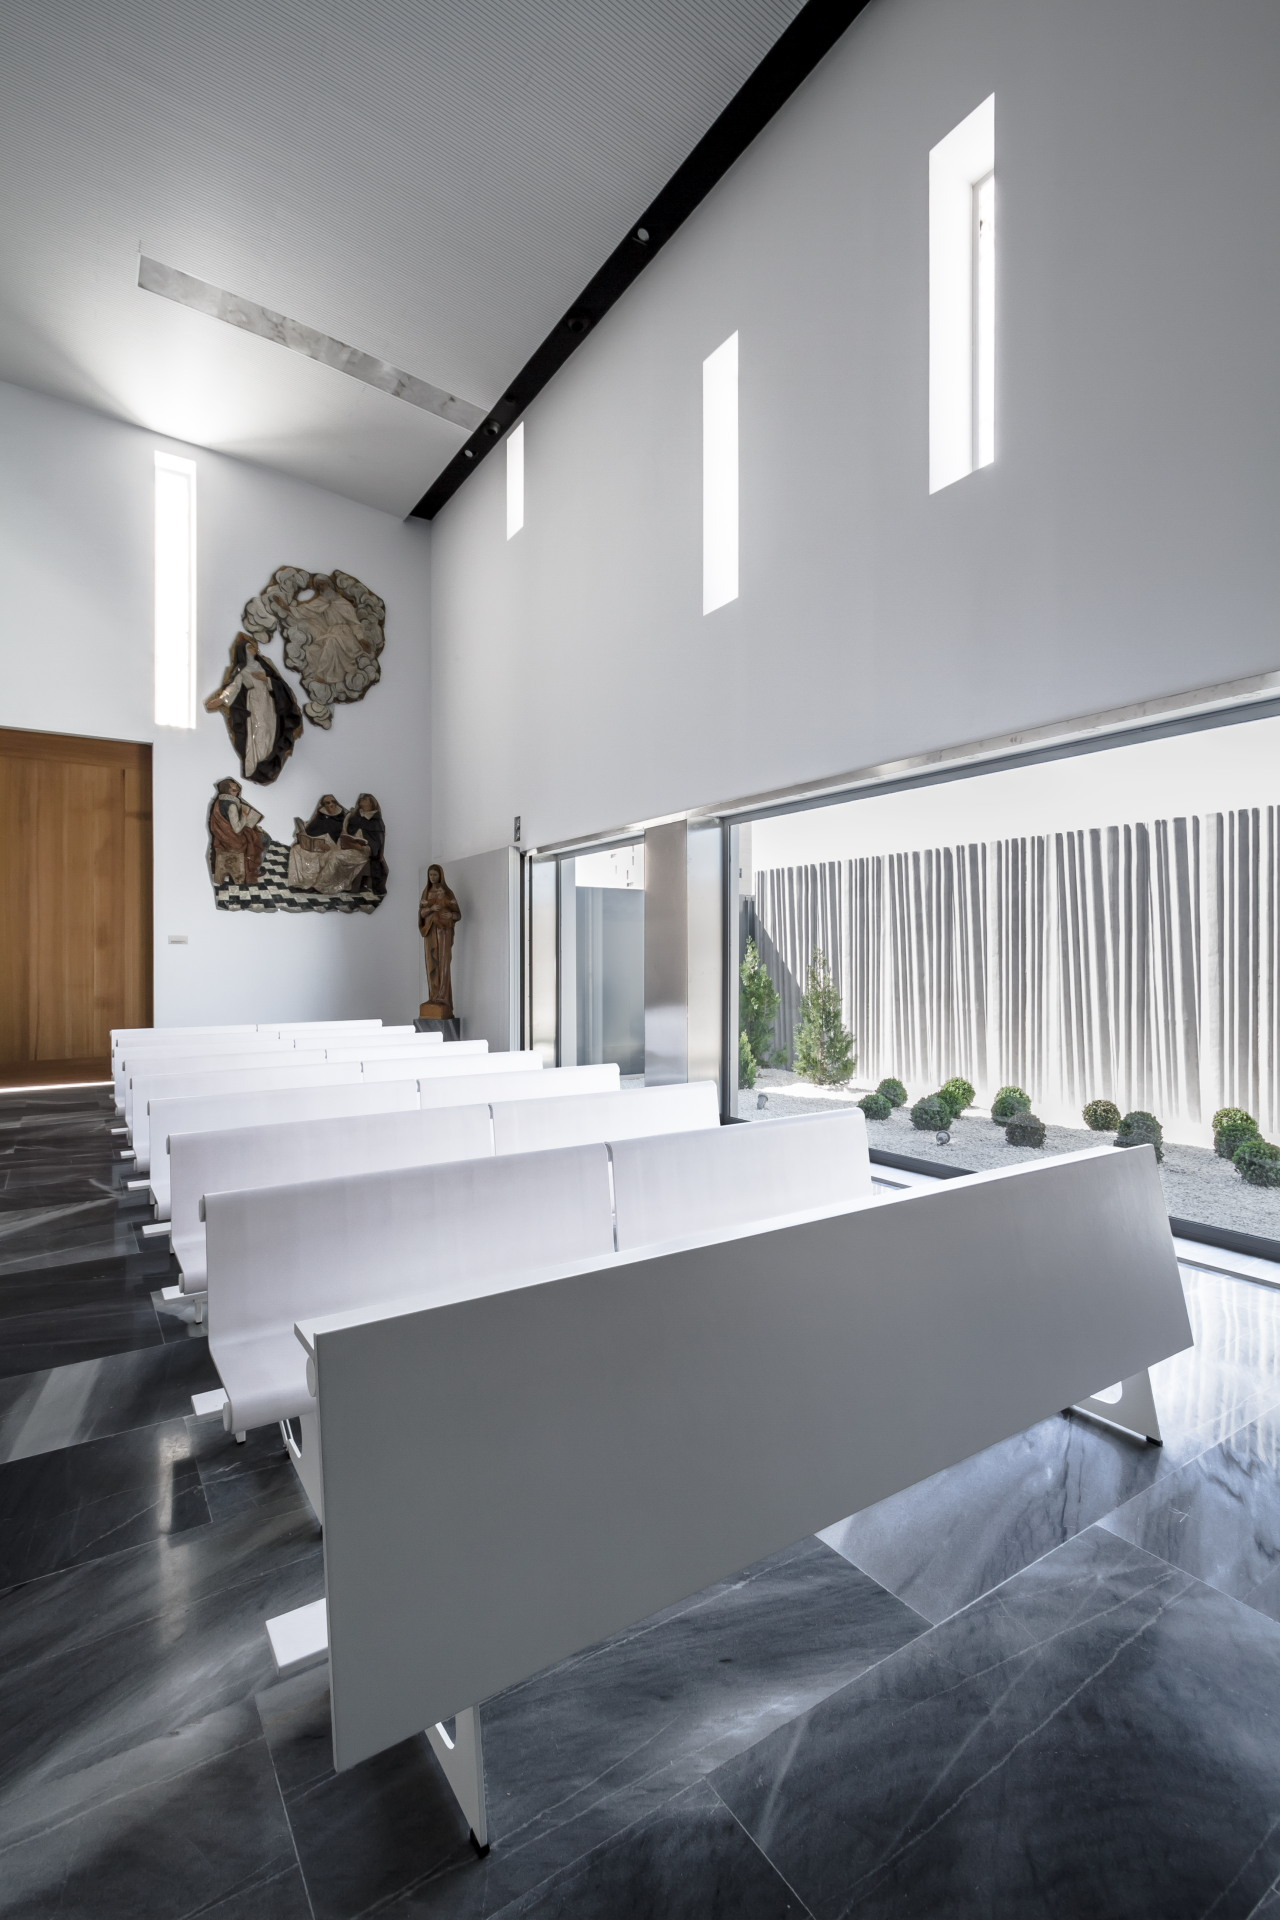 fotografia-arquitectura-valencia-german-cabo-hernandez-monasterio (30)